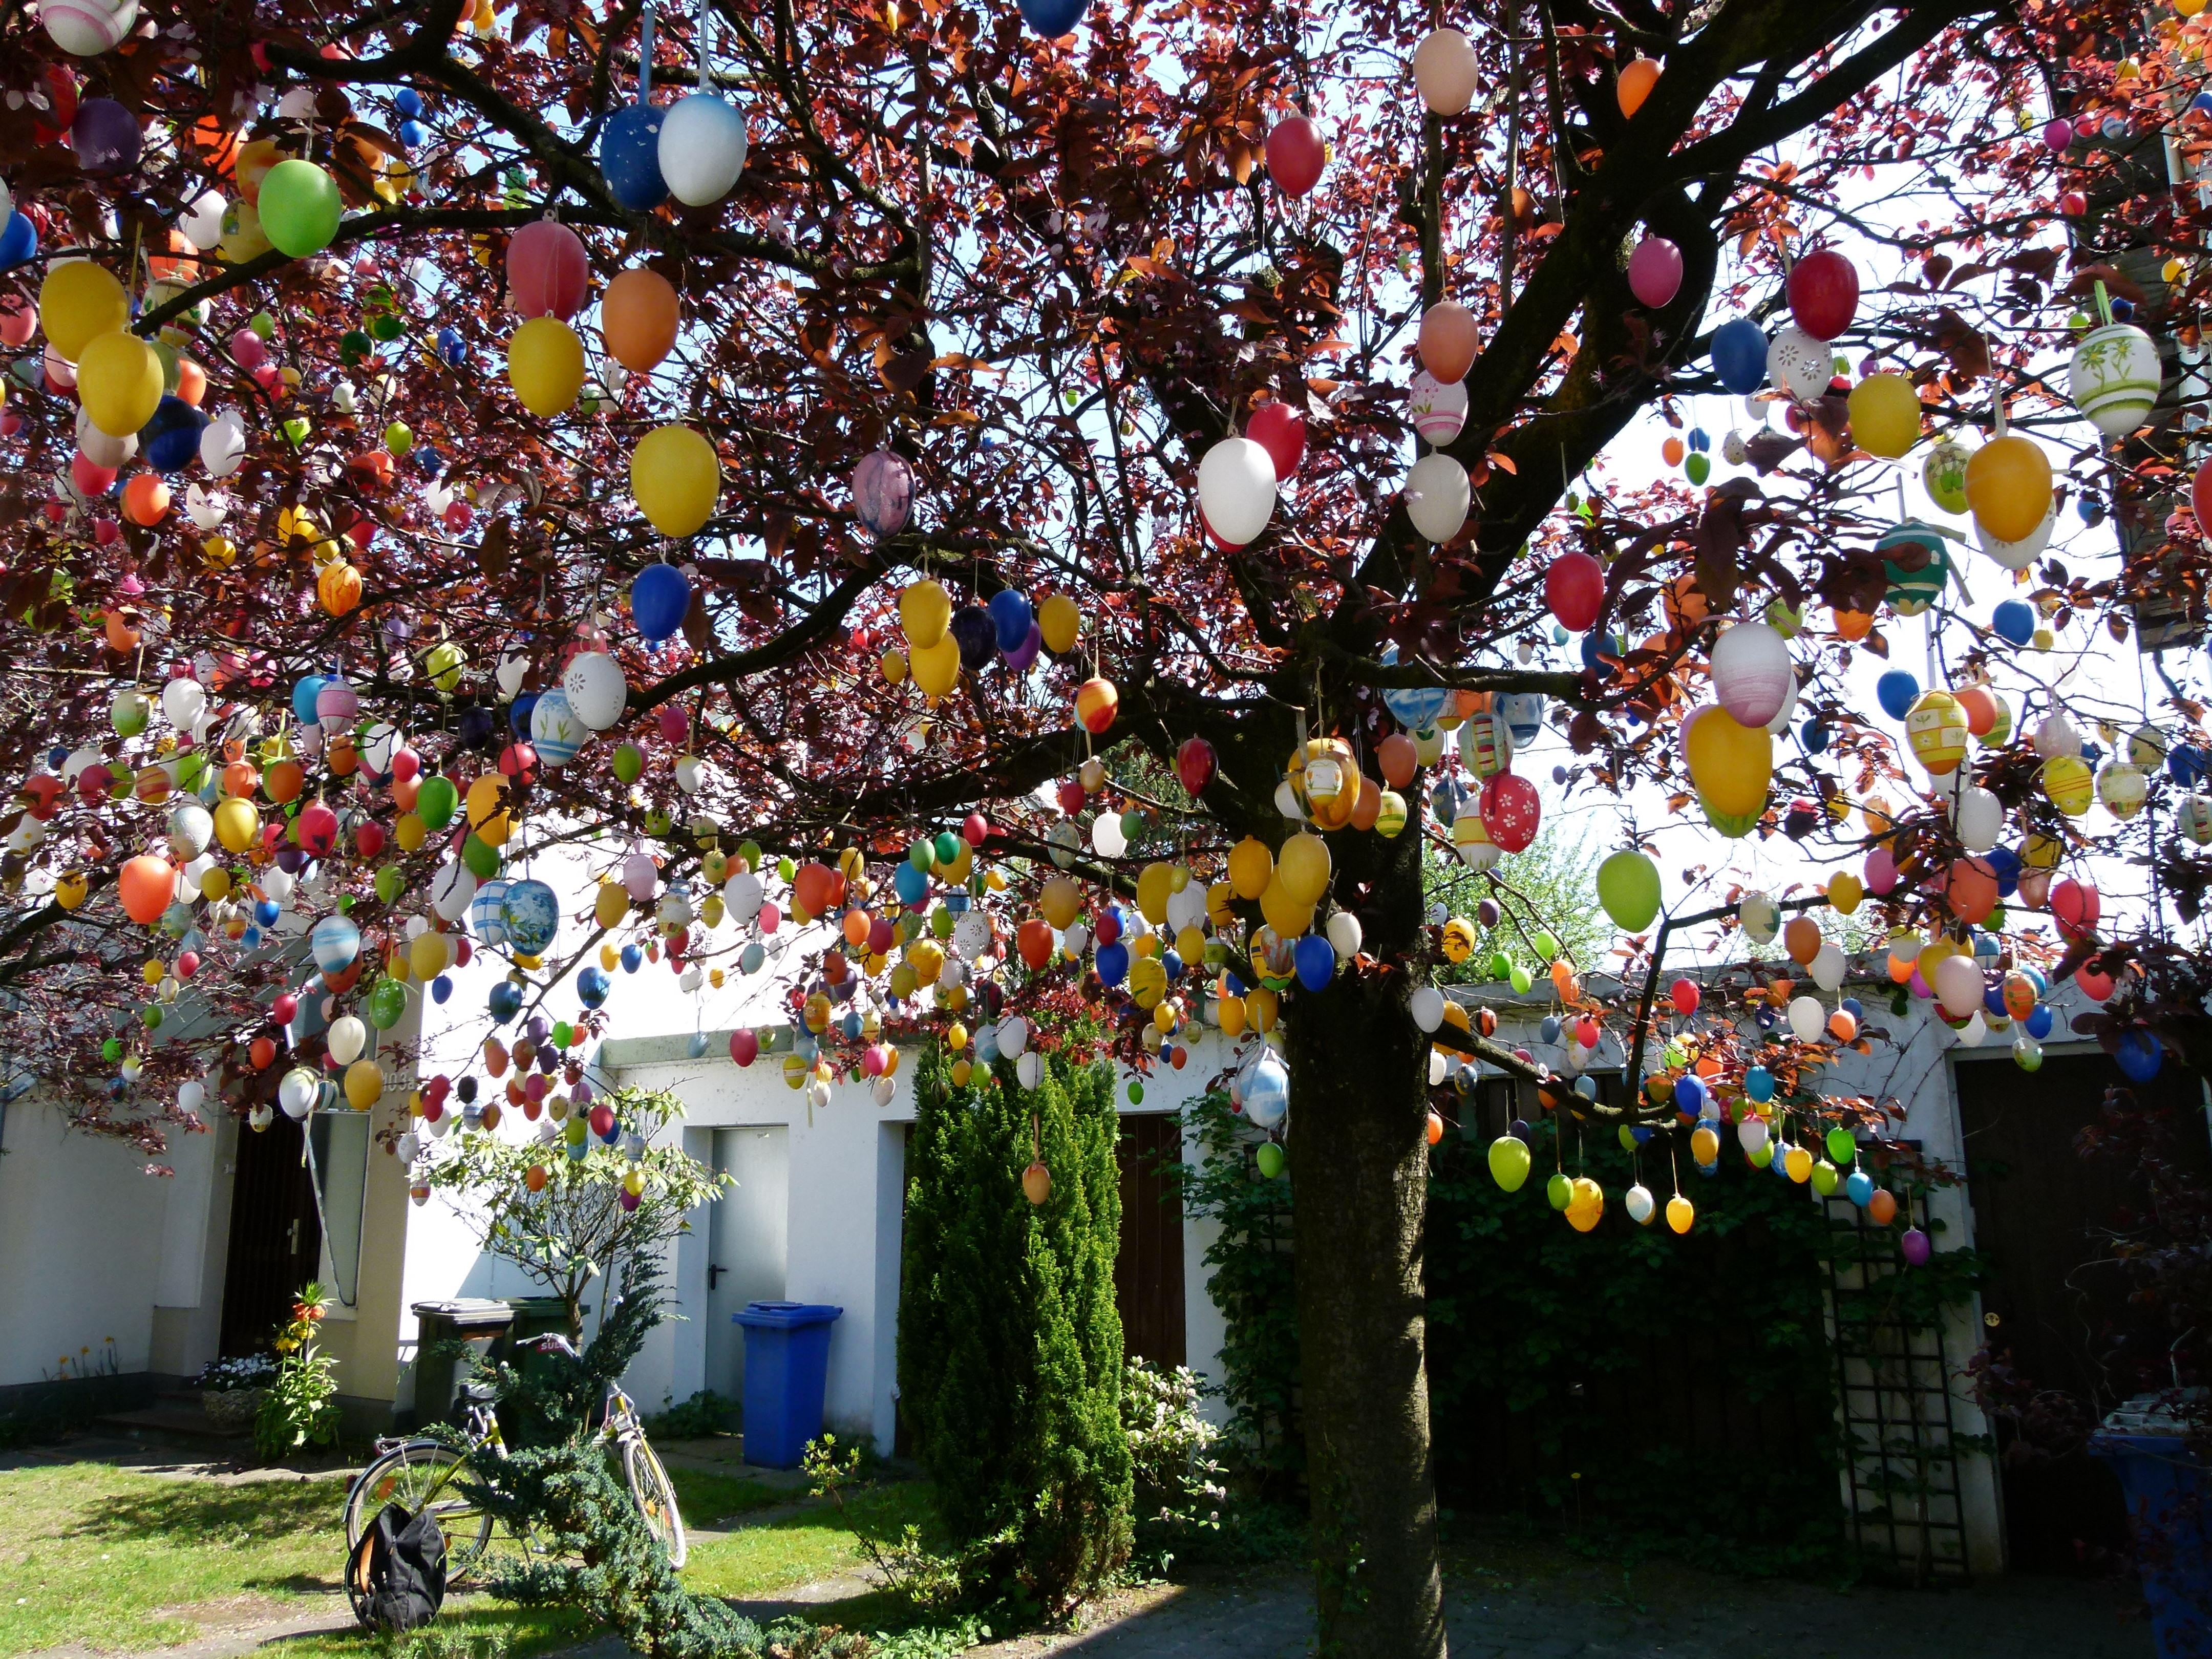 L'arbre_aux_oeufs_de_Paques